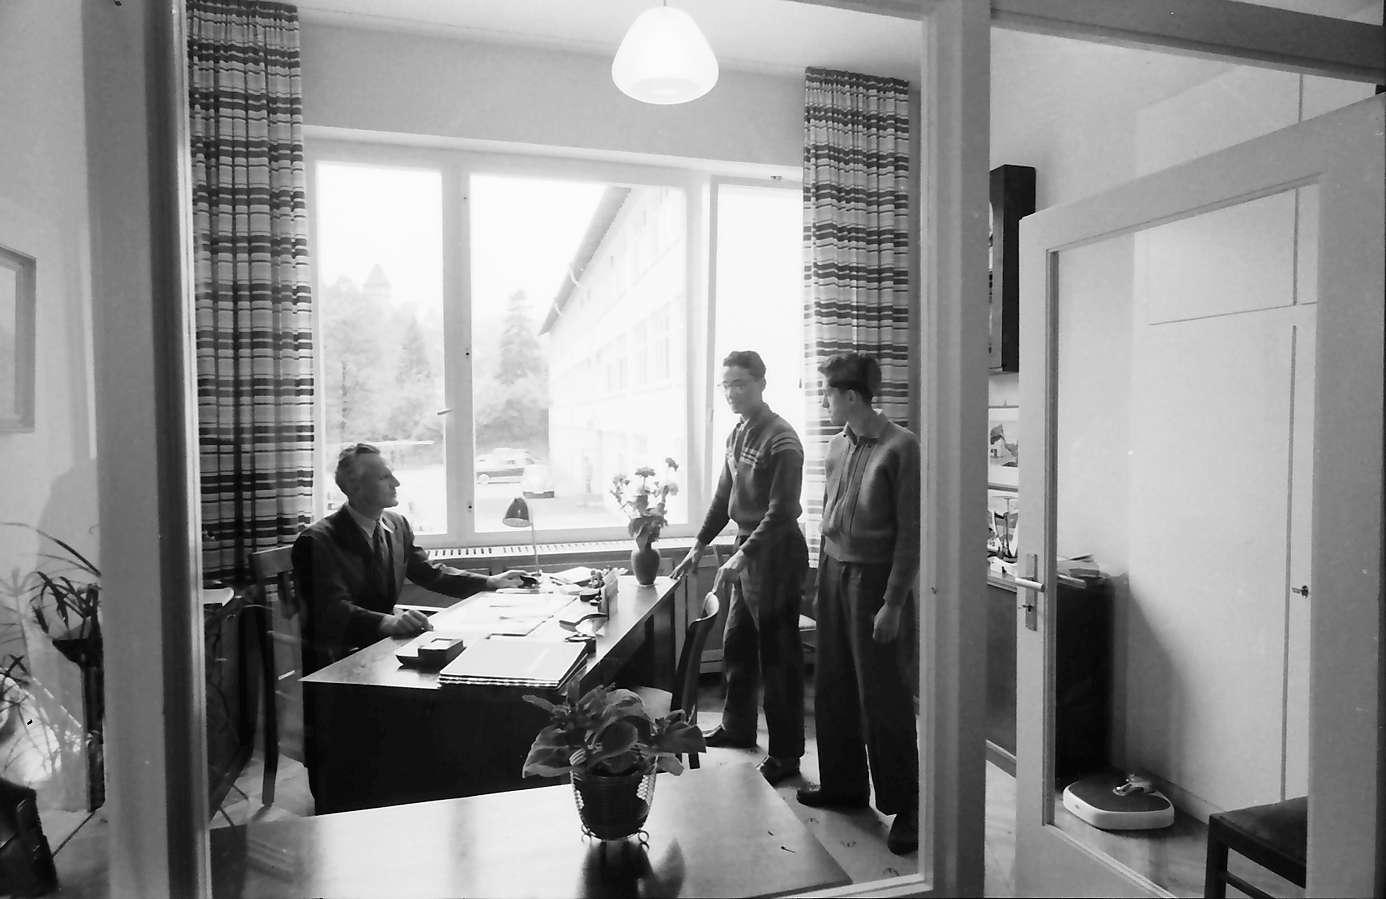 Gernsbach: 1. Papiermacherschule in der Gewerbeschule; Internat für Papiermacher Anlernlinge, Anmeldung, Bild 1